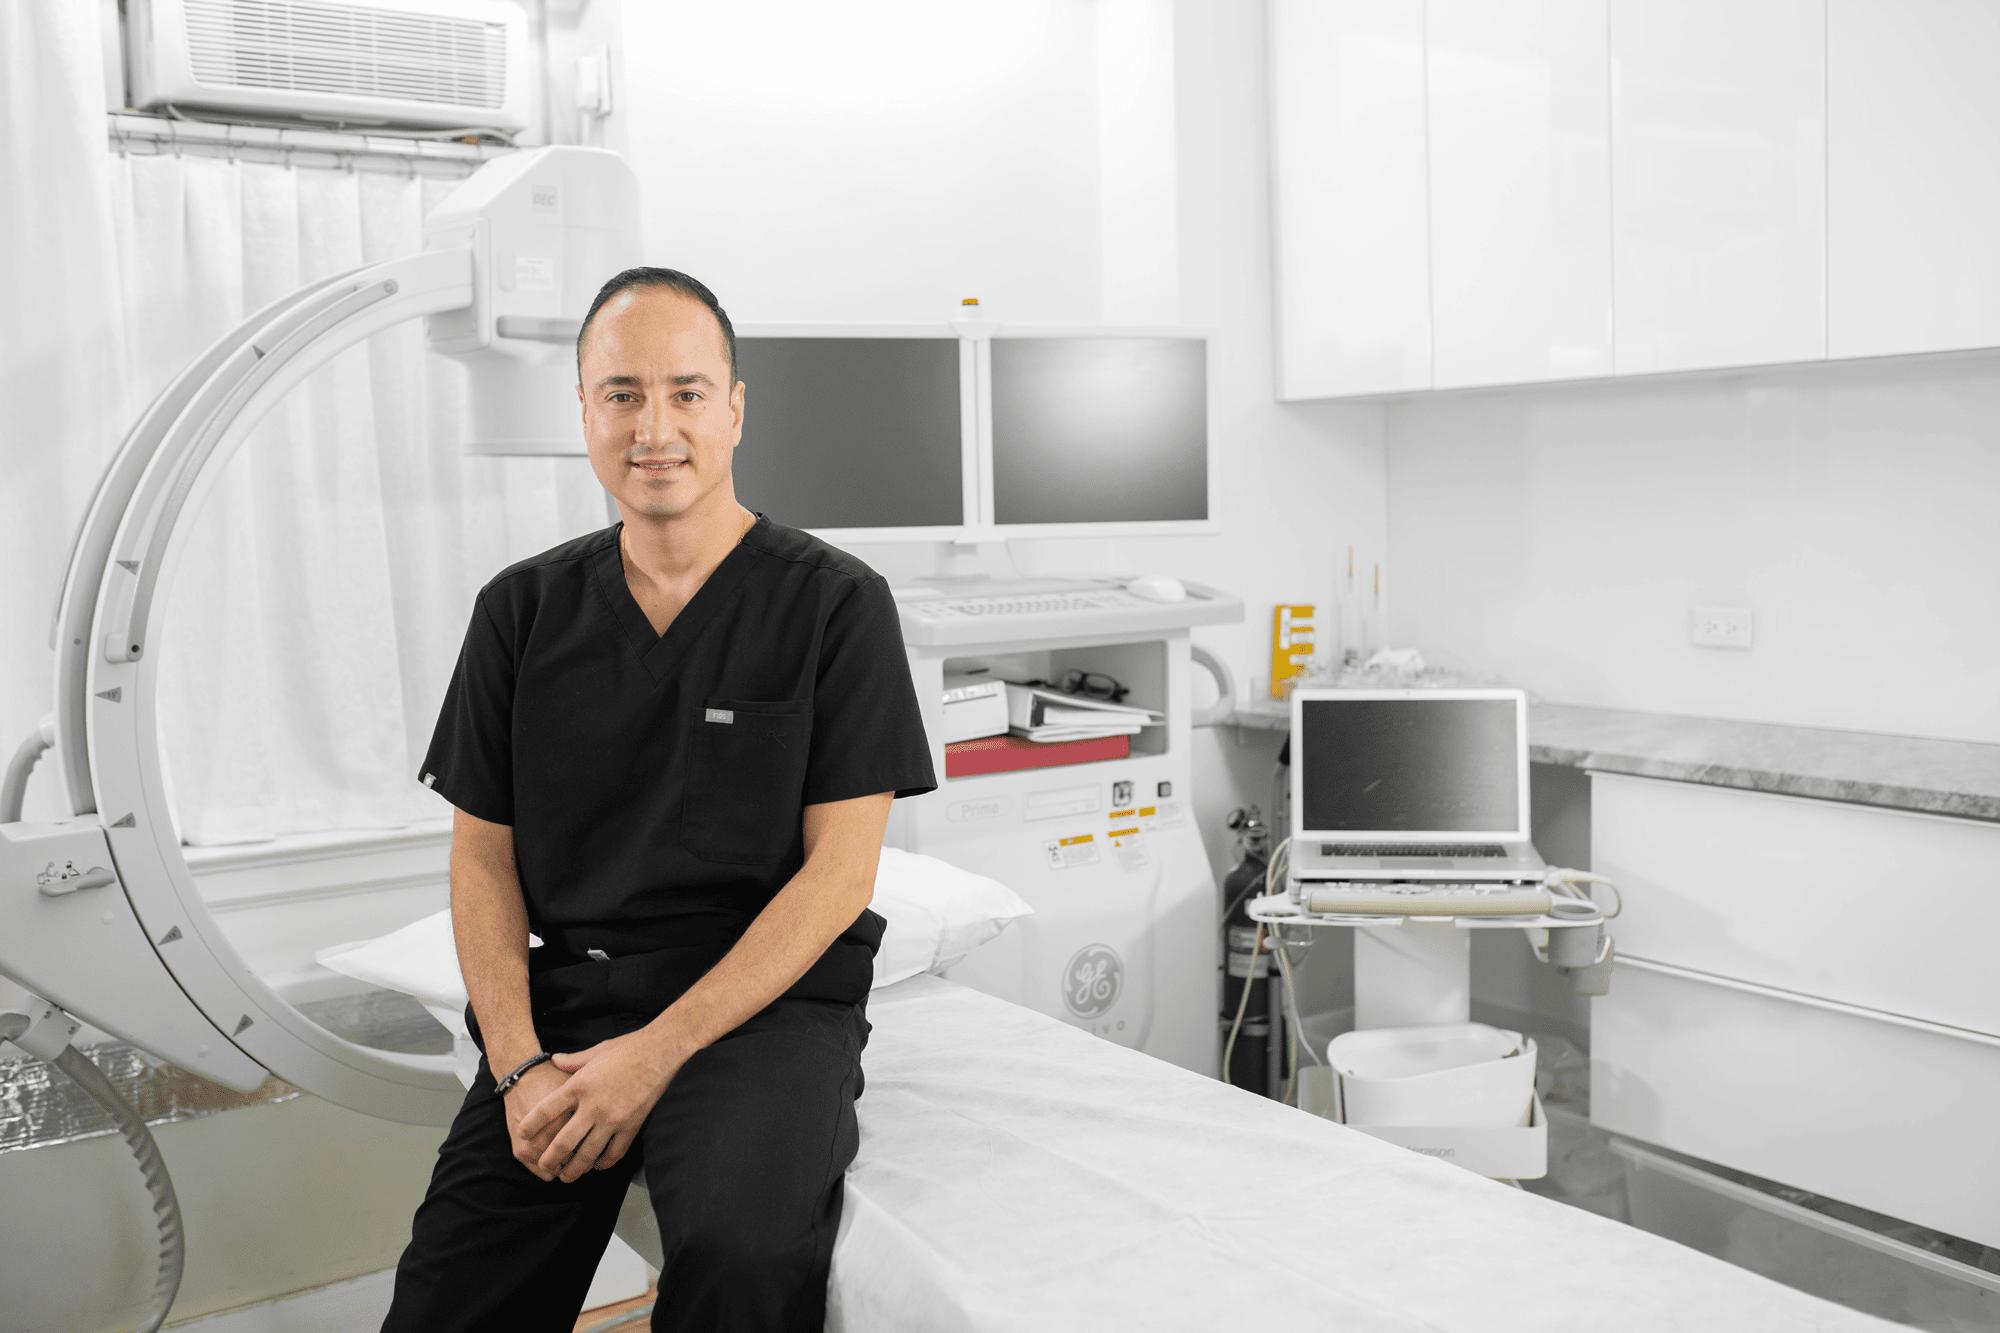 Dr. Juan Montoya Vein Specialist in NYC